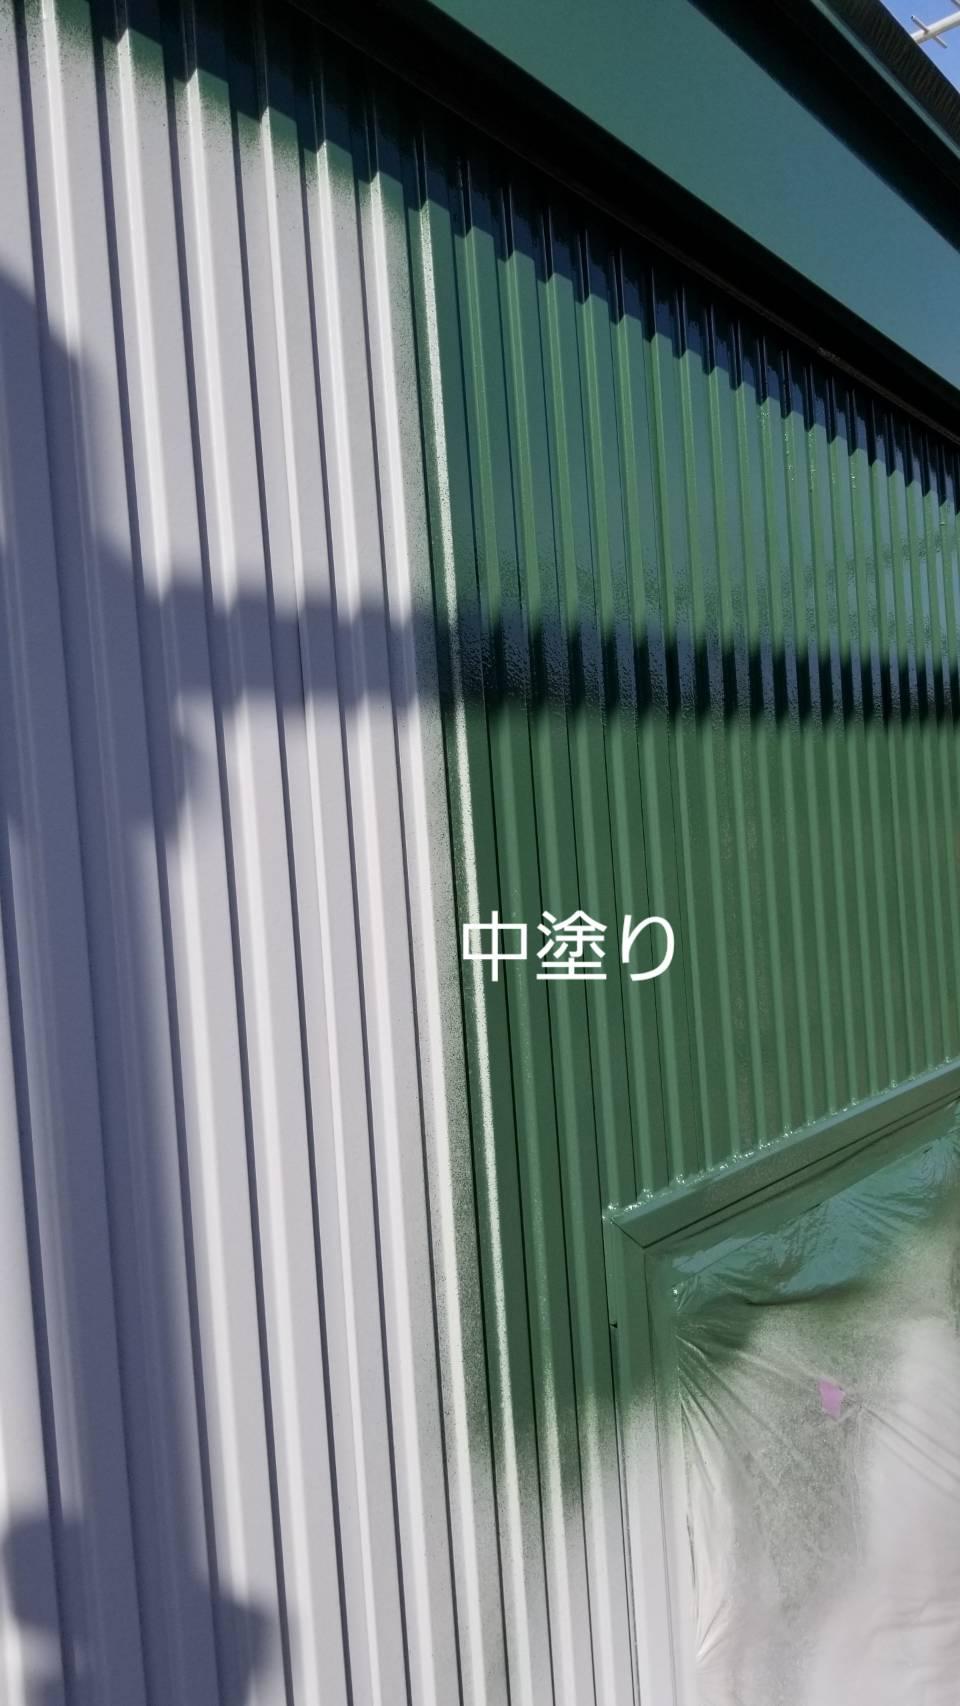 夷隅郡御宿町S様邸外壁塗装工事